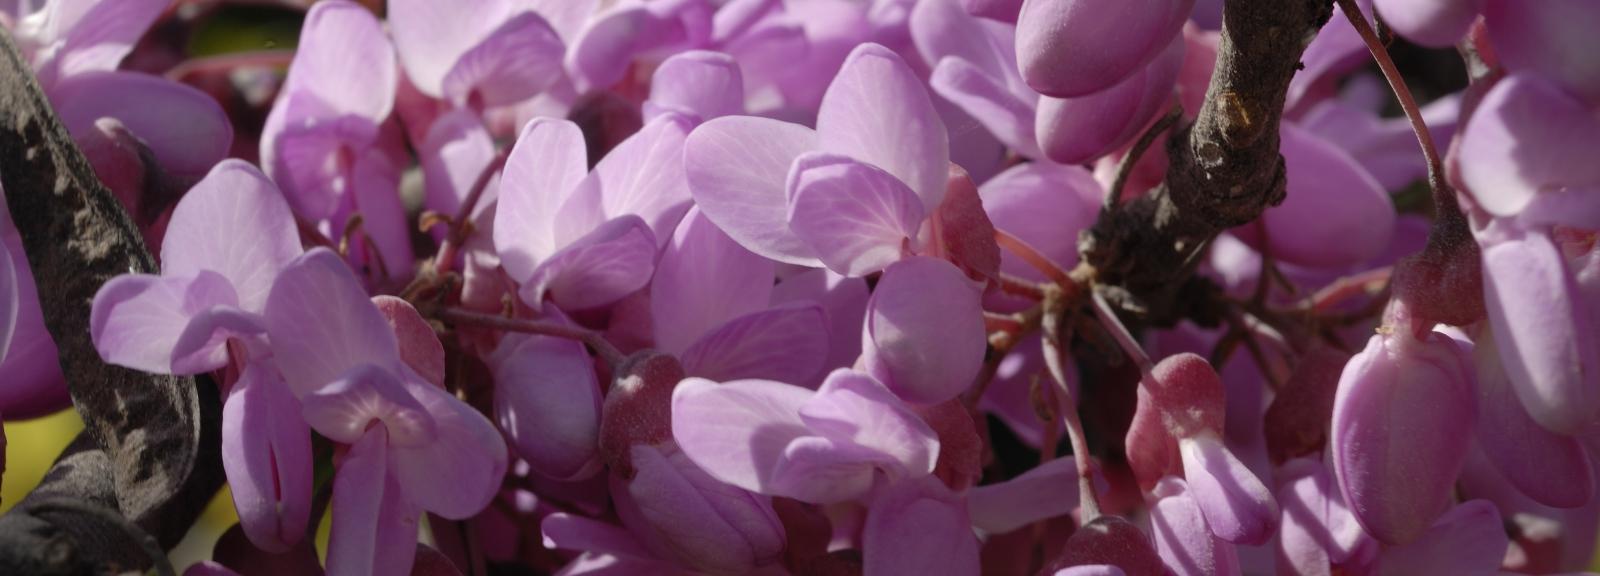 Arbre de judée en fleurs © MNHN - Patrick Lafaite